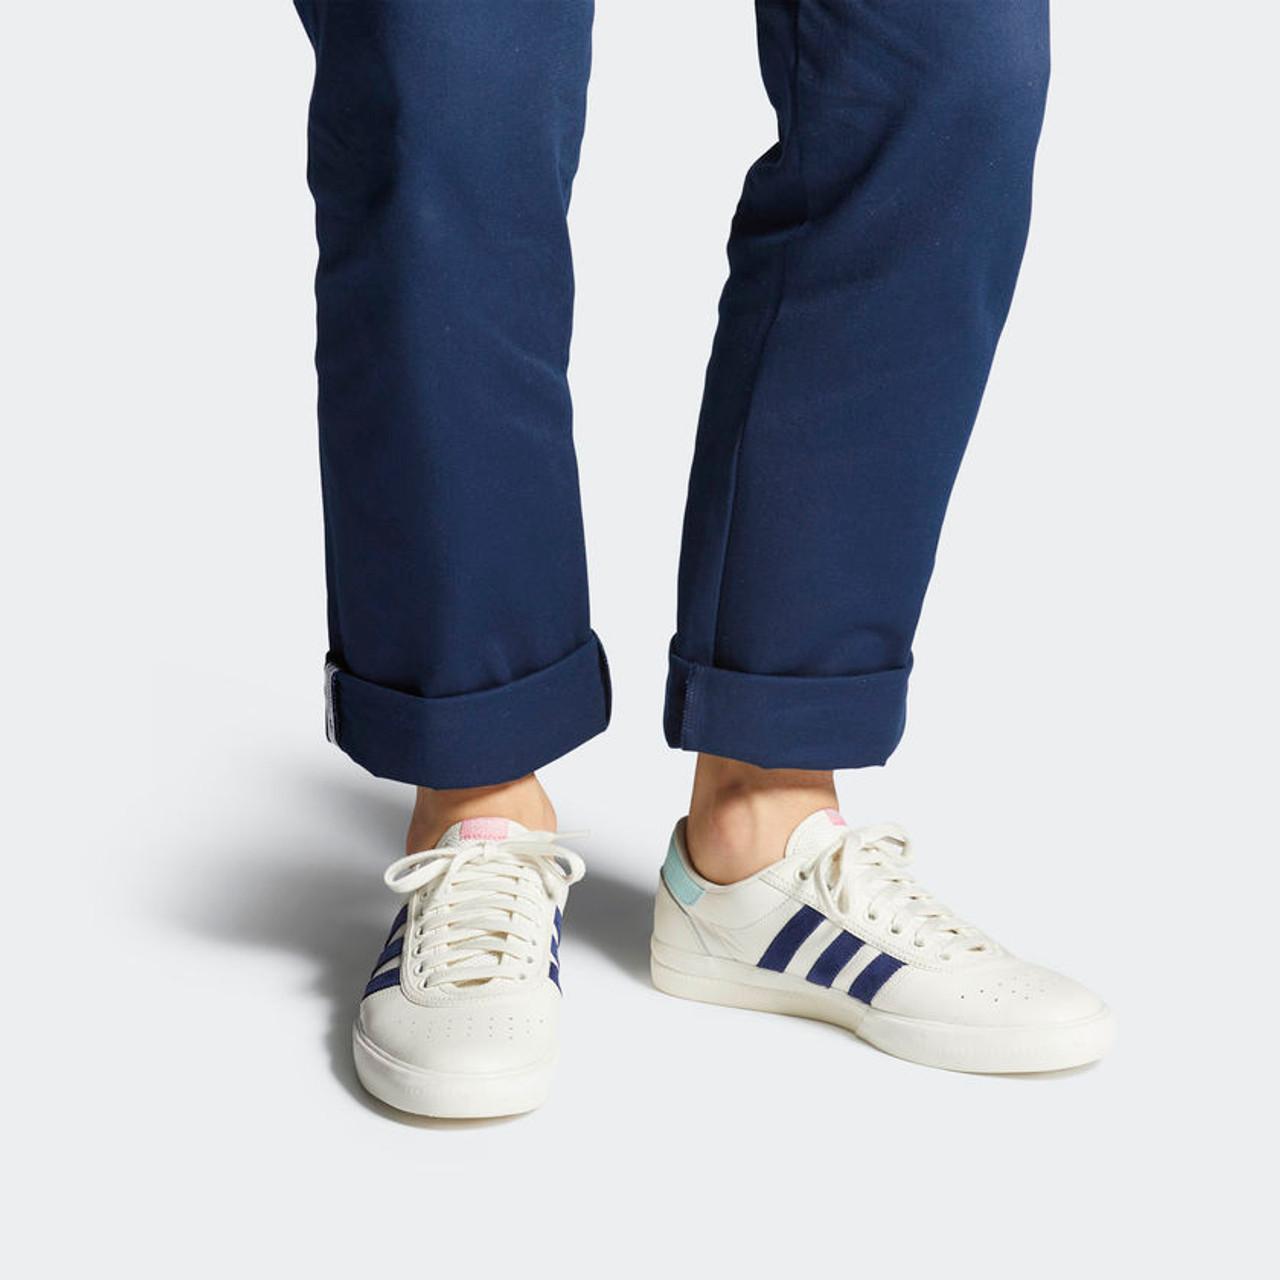 Adidas x Helas Lucas Premier Shoes Off White